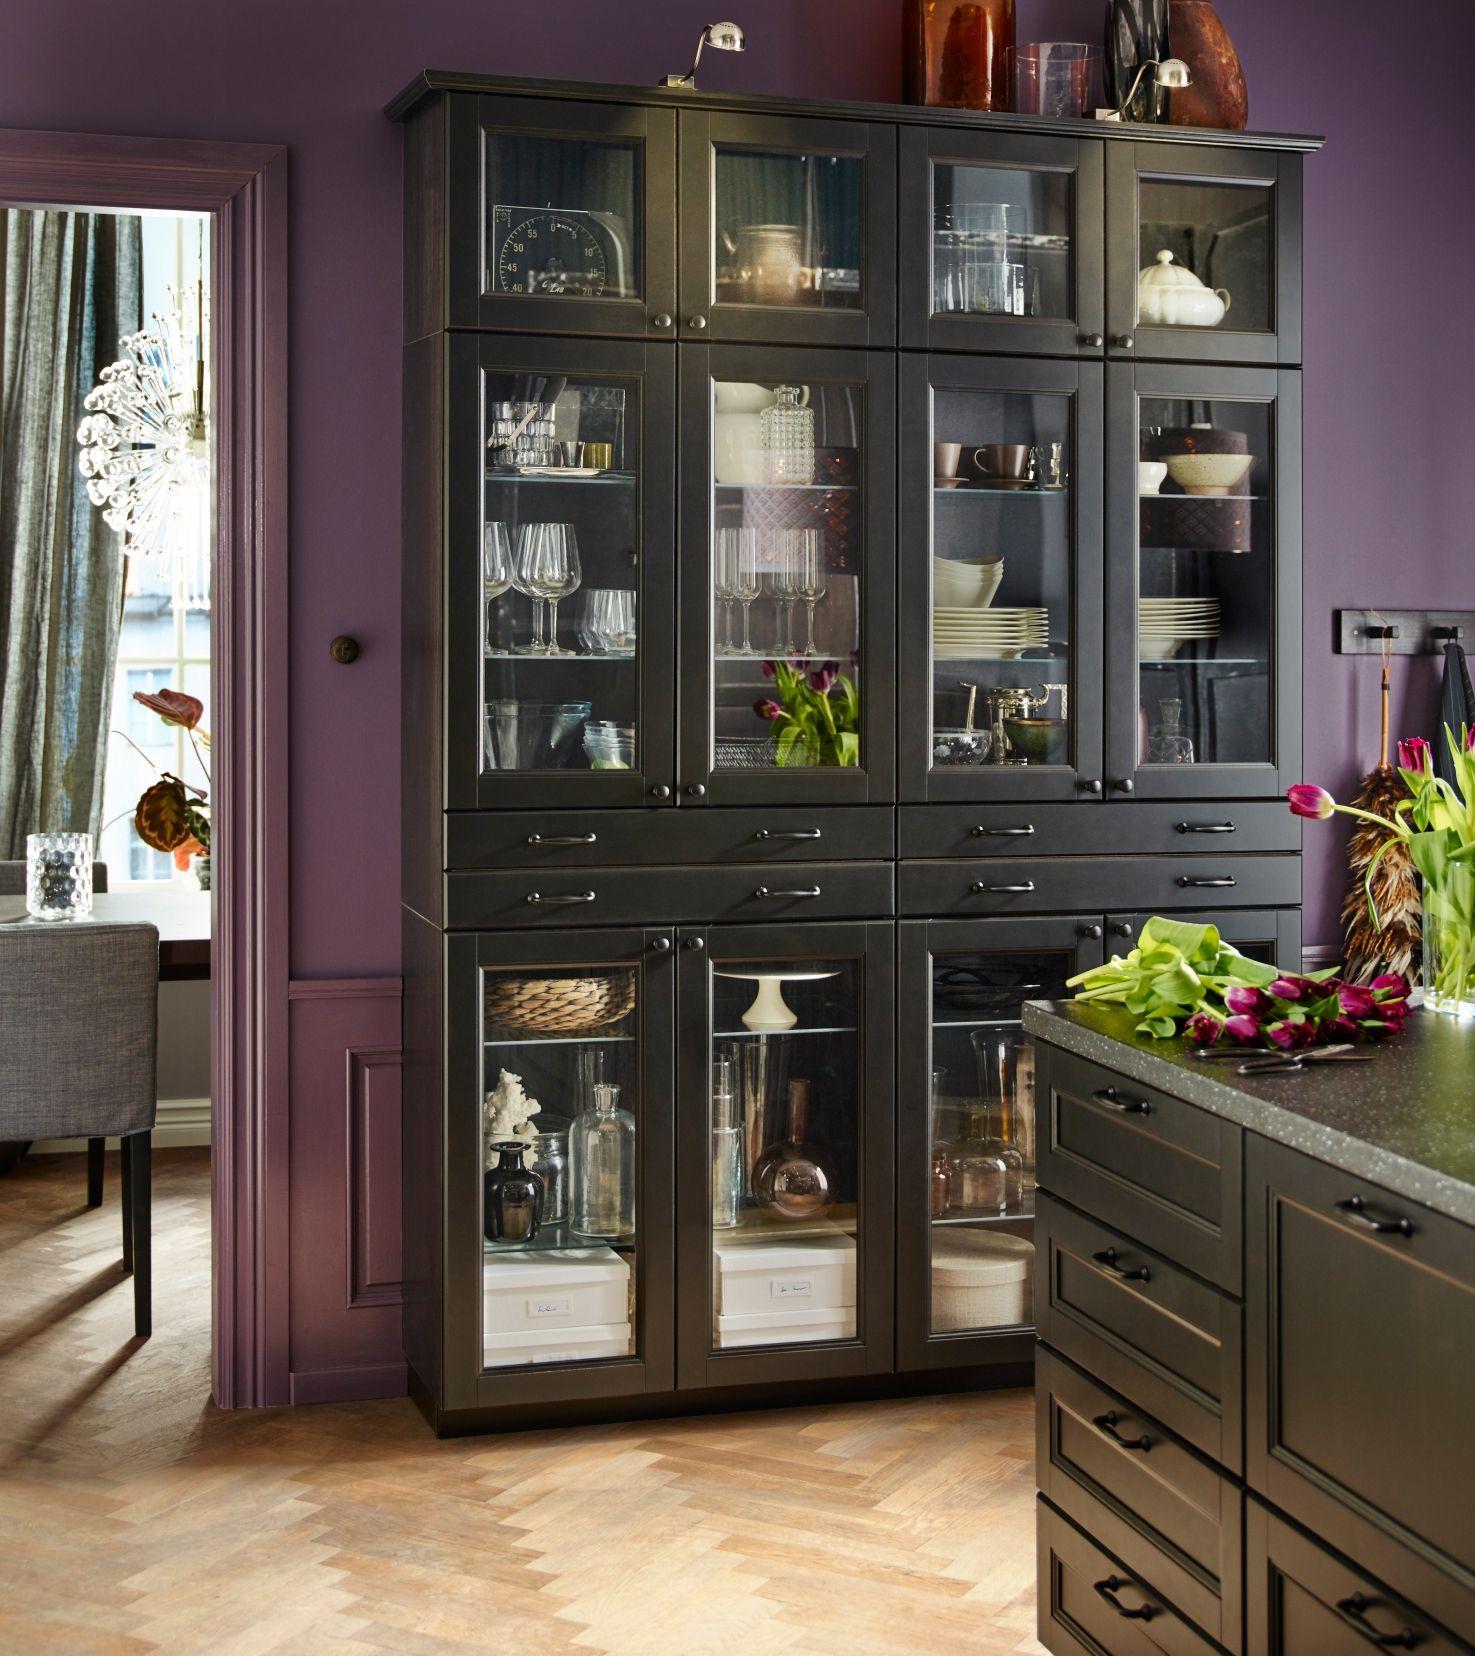 Best Keuken Inspiratie Voor Je Nieuwe Keuken Keukens 640 x 480